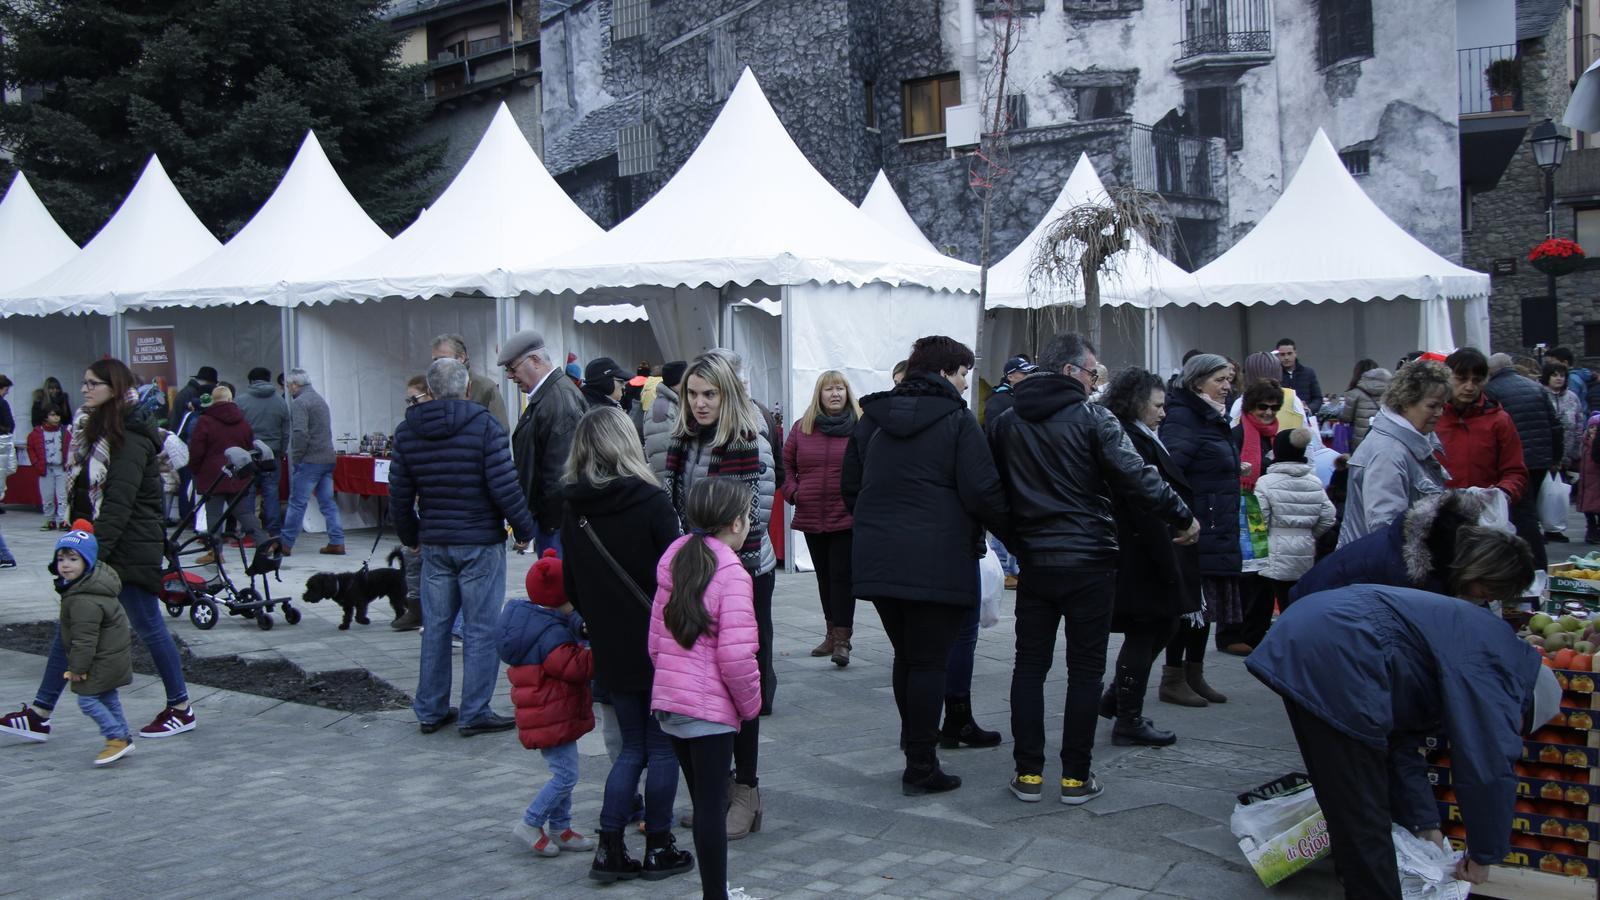 Públic assistents al Mercat de Nadal d'Encamp. / C. A. (ANA)